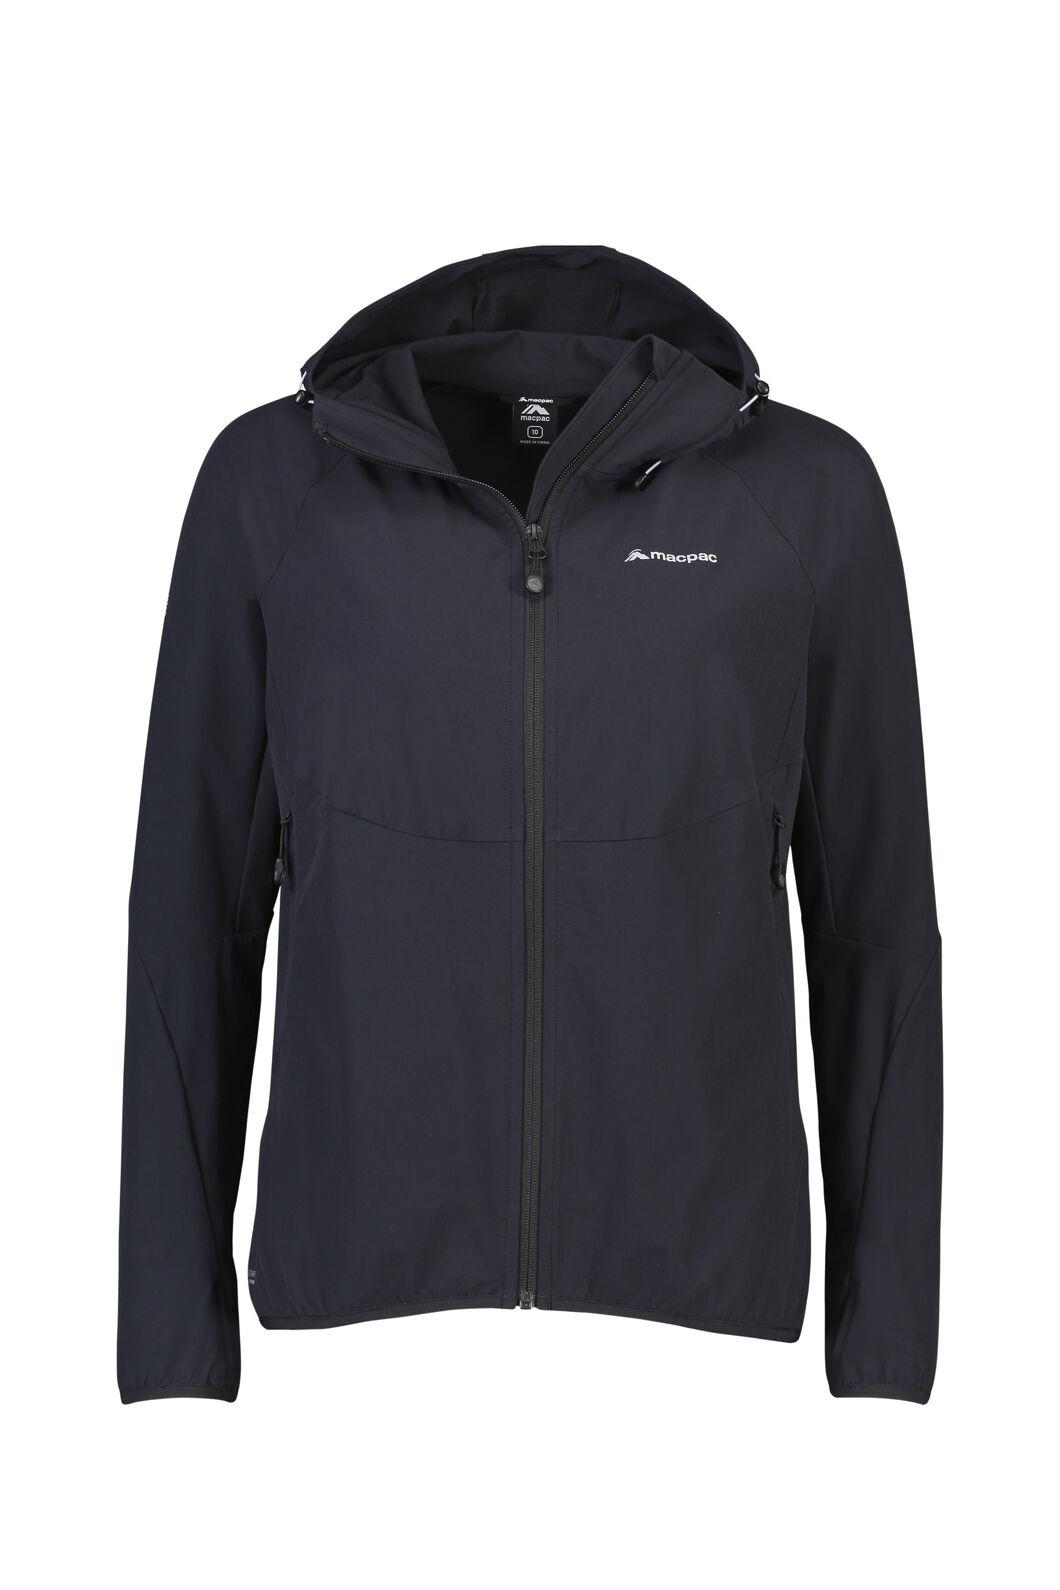 Macpac Mannering Pertex® Hooded Jacket — Women's, Black, hi-res